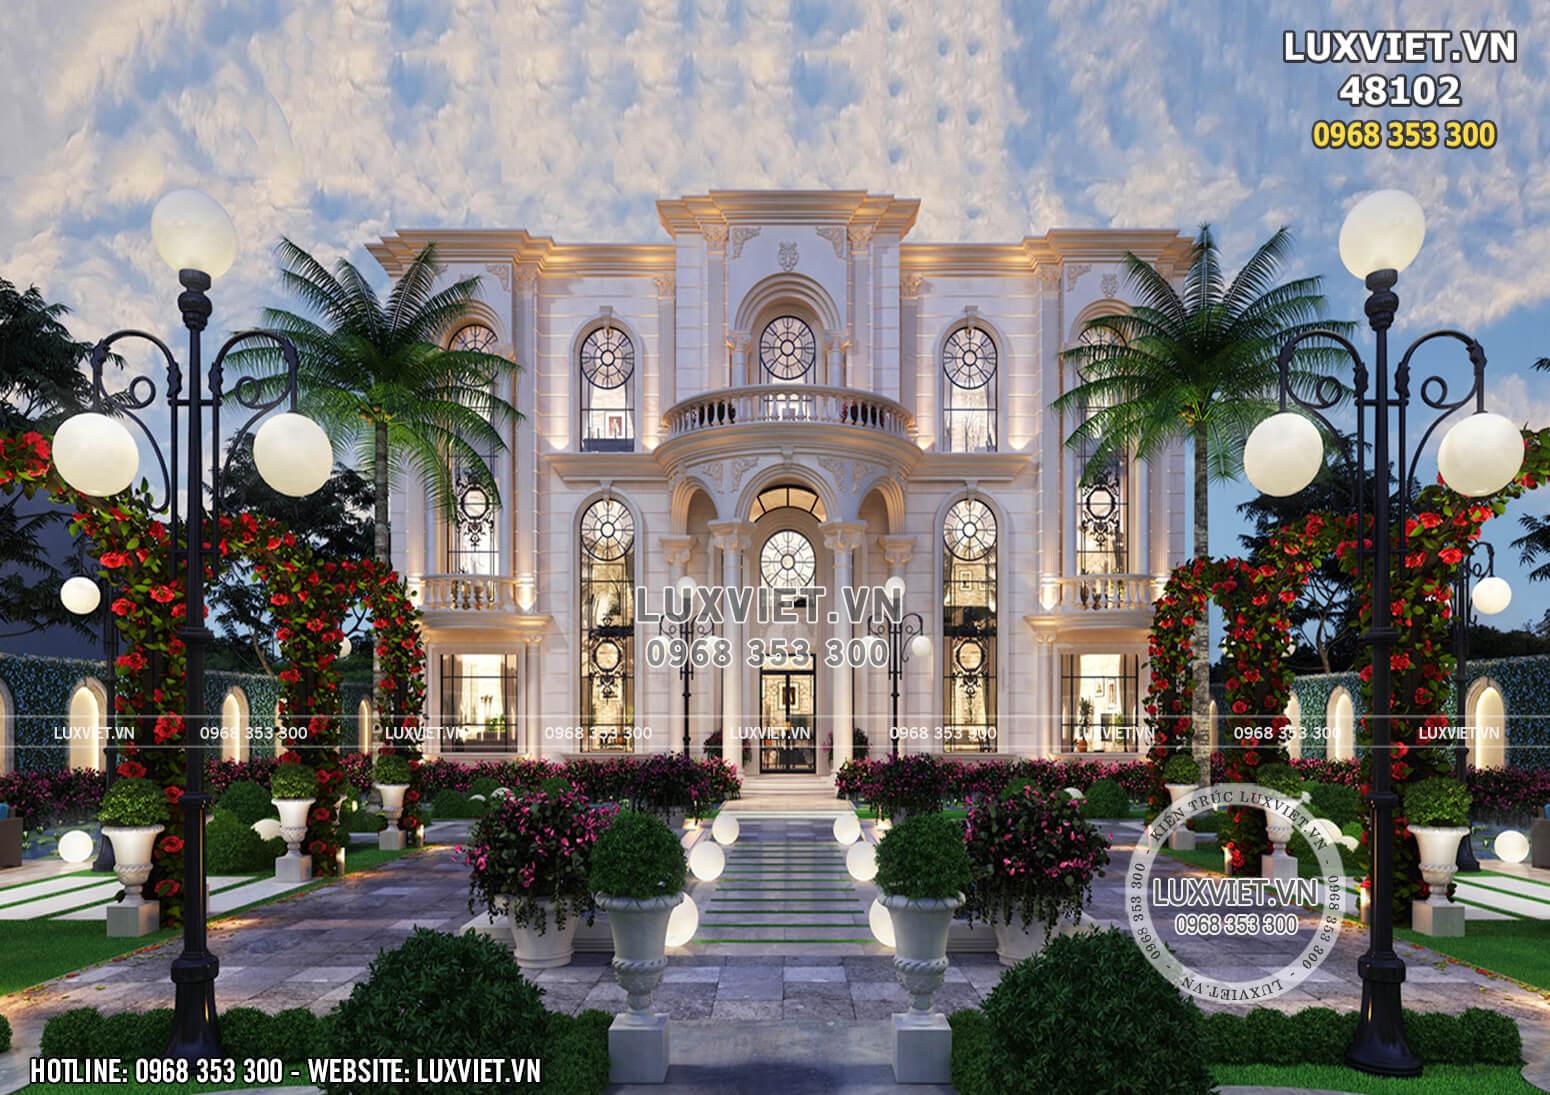 Thiết kế dinh thự lâu đài 3 tầng tân cổ điển đẹp đẳng cấp quốc tế - LV 48102